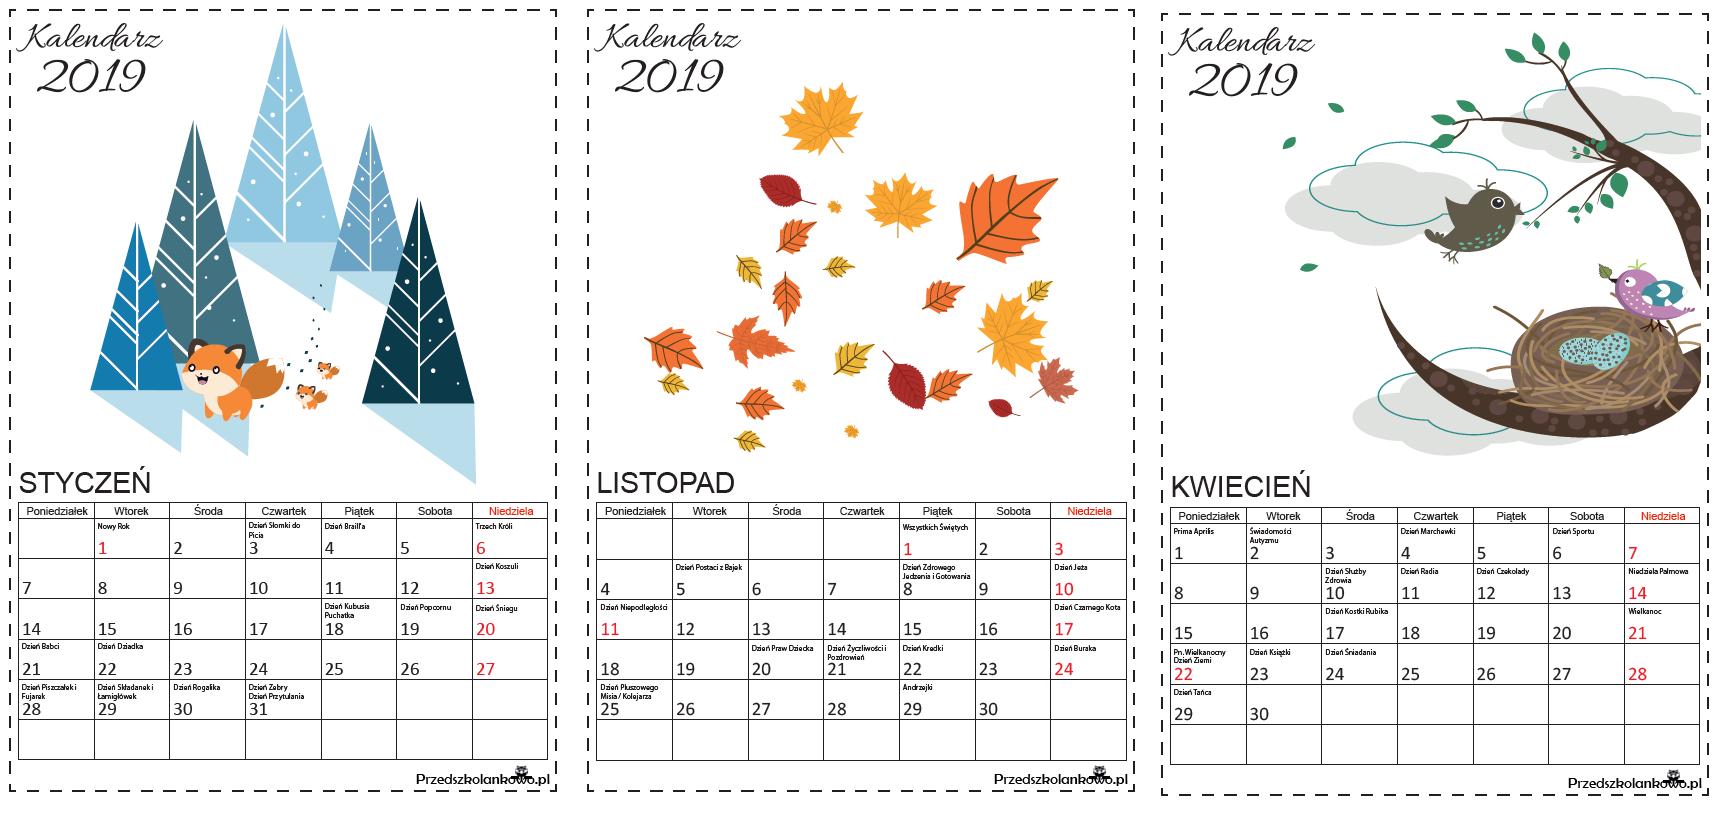 Kalendarz Swiat Nietypowych Oraz Inne Kalendarze Na Rok